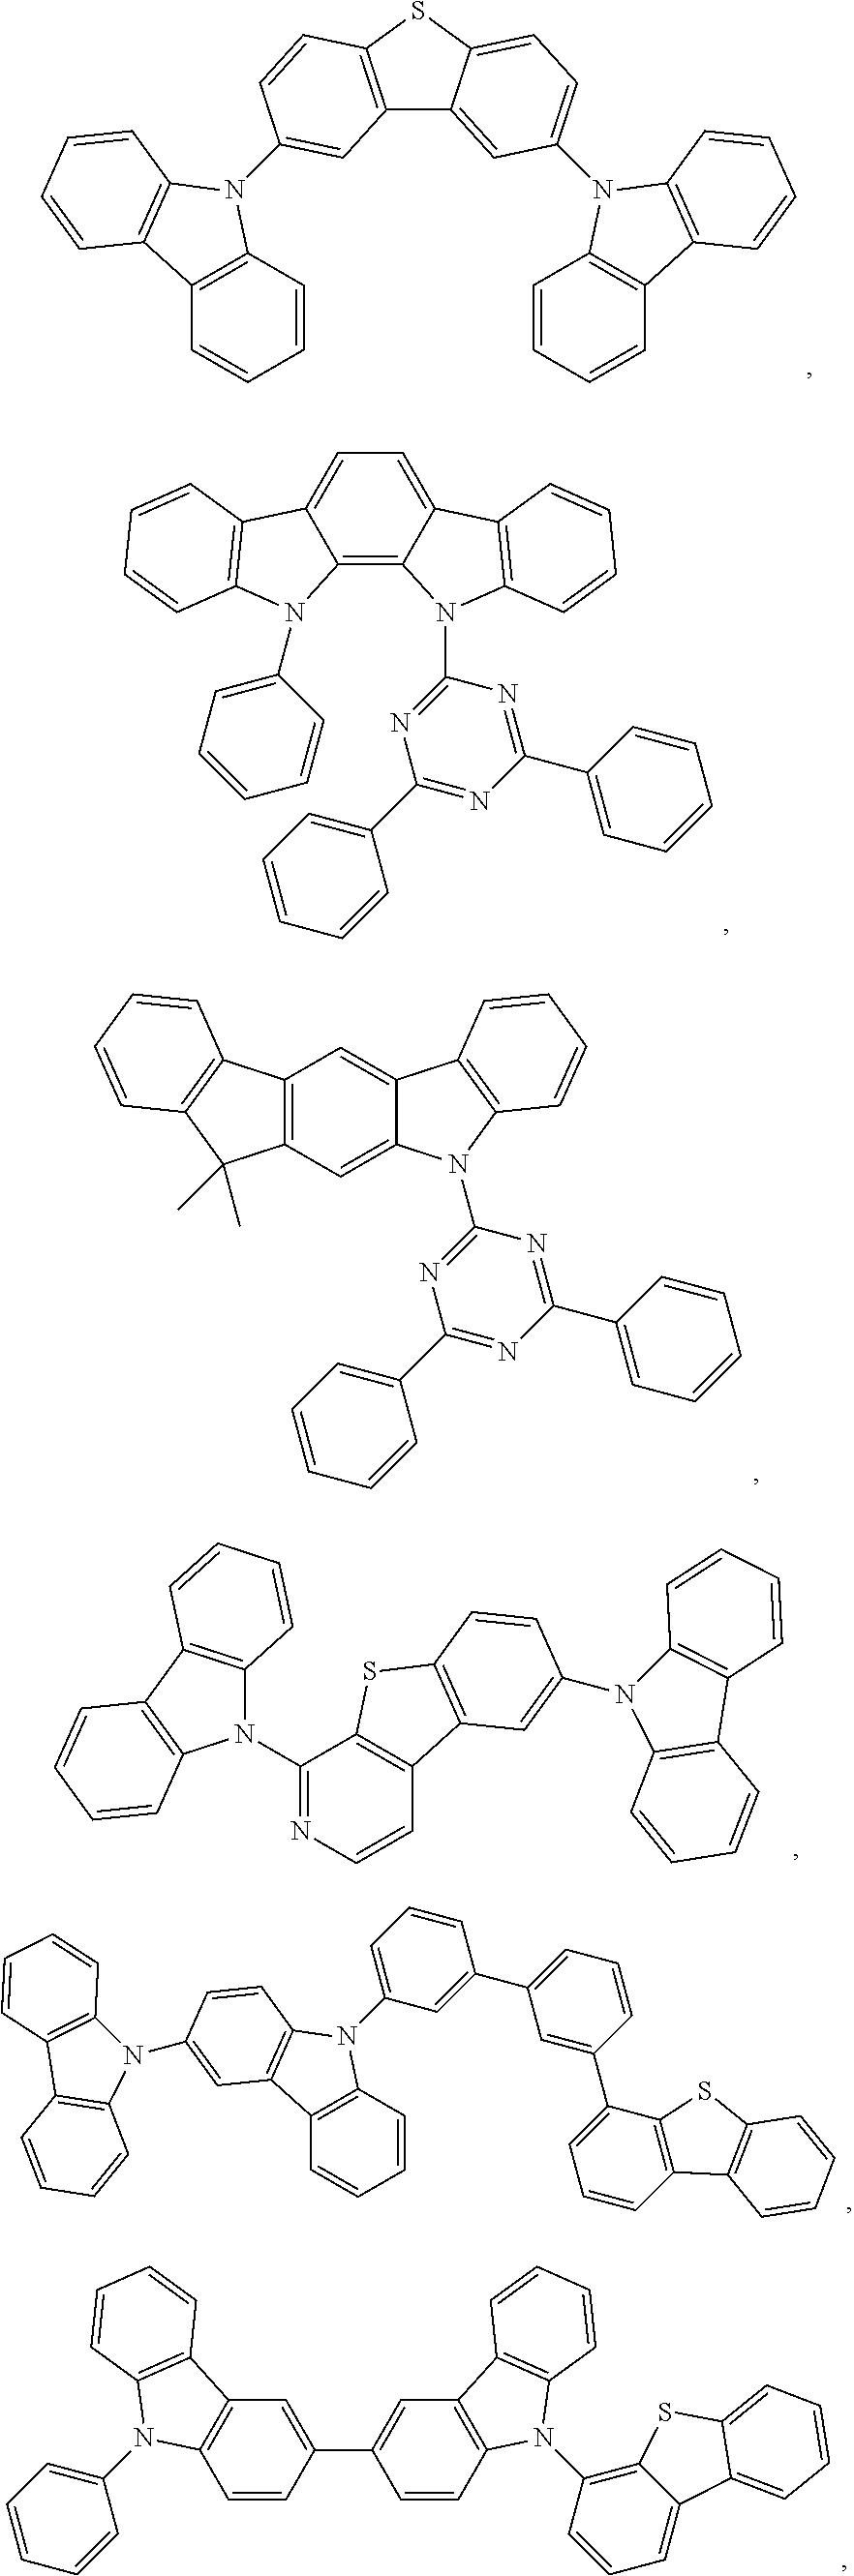 Figure US20180130962A1-20180510-C00322